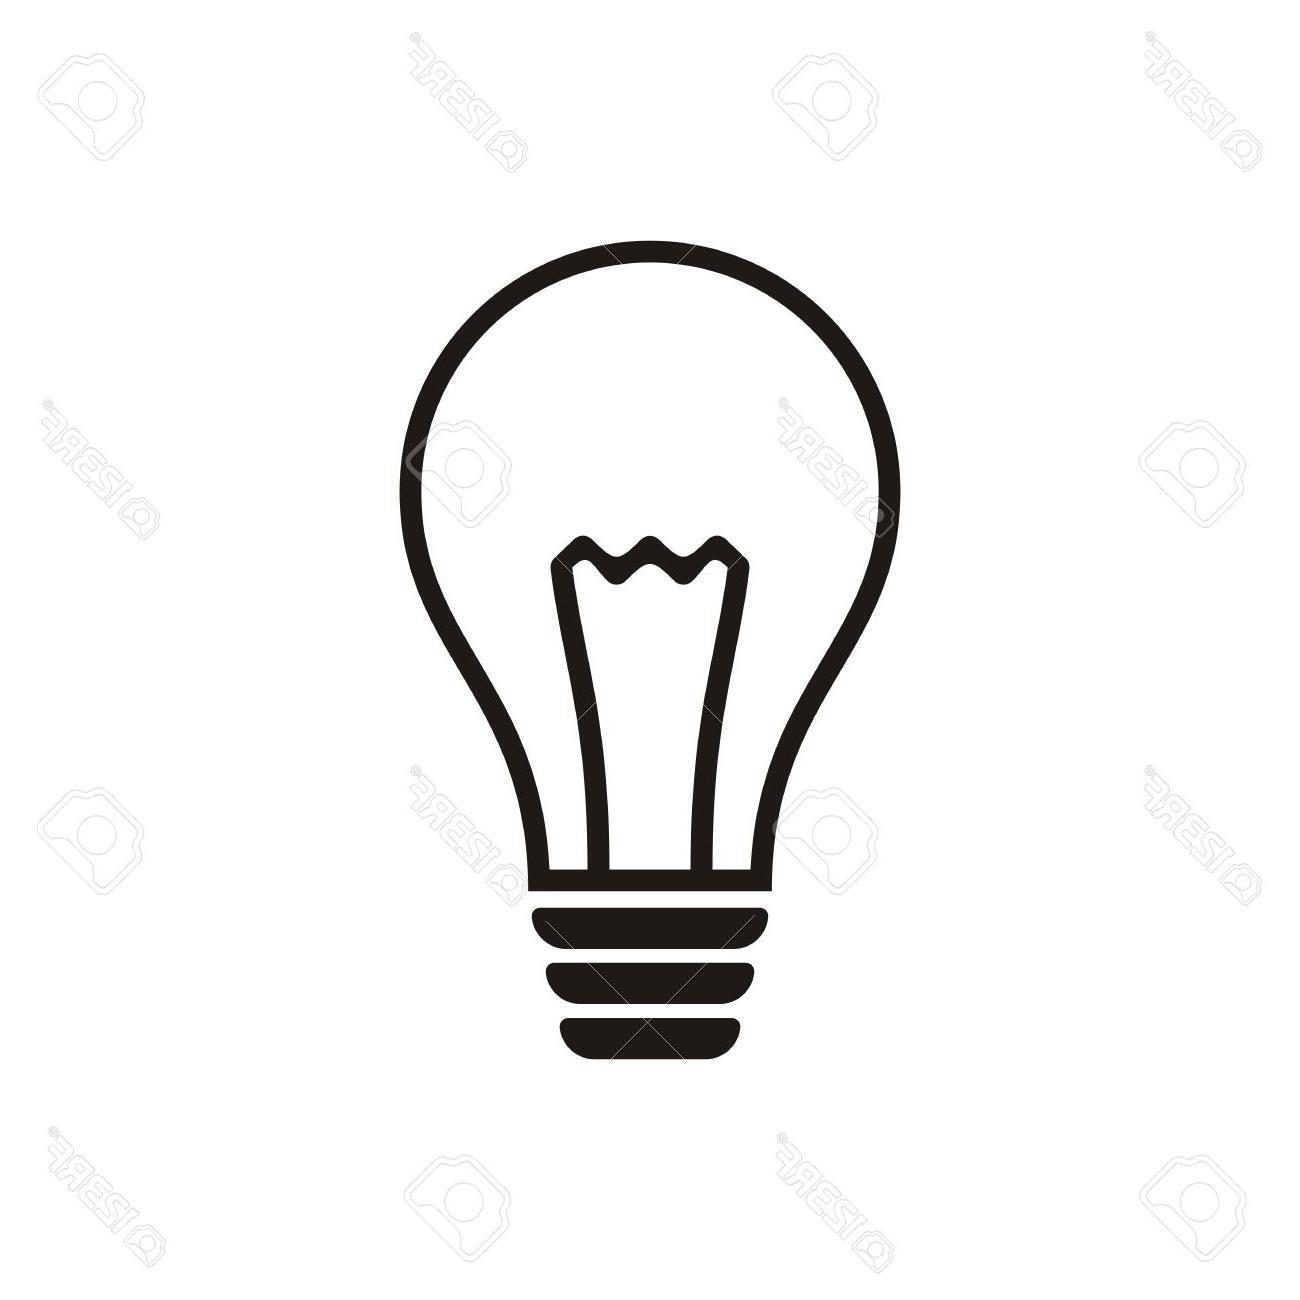 Light Bulb Black And White